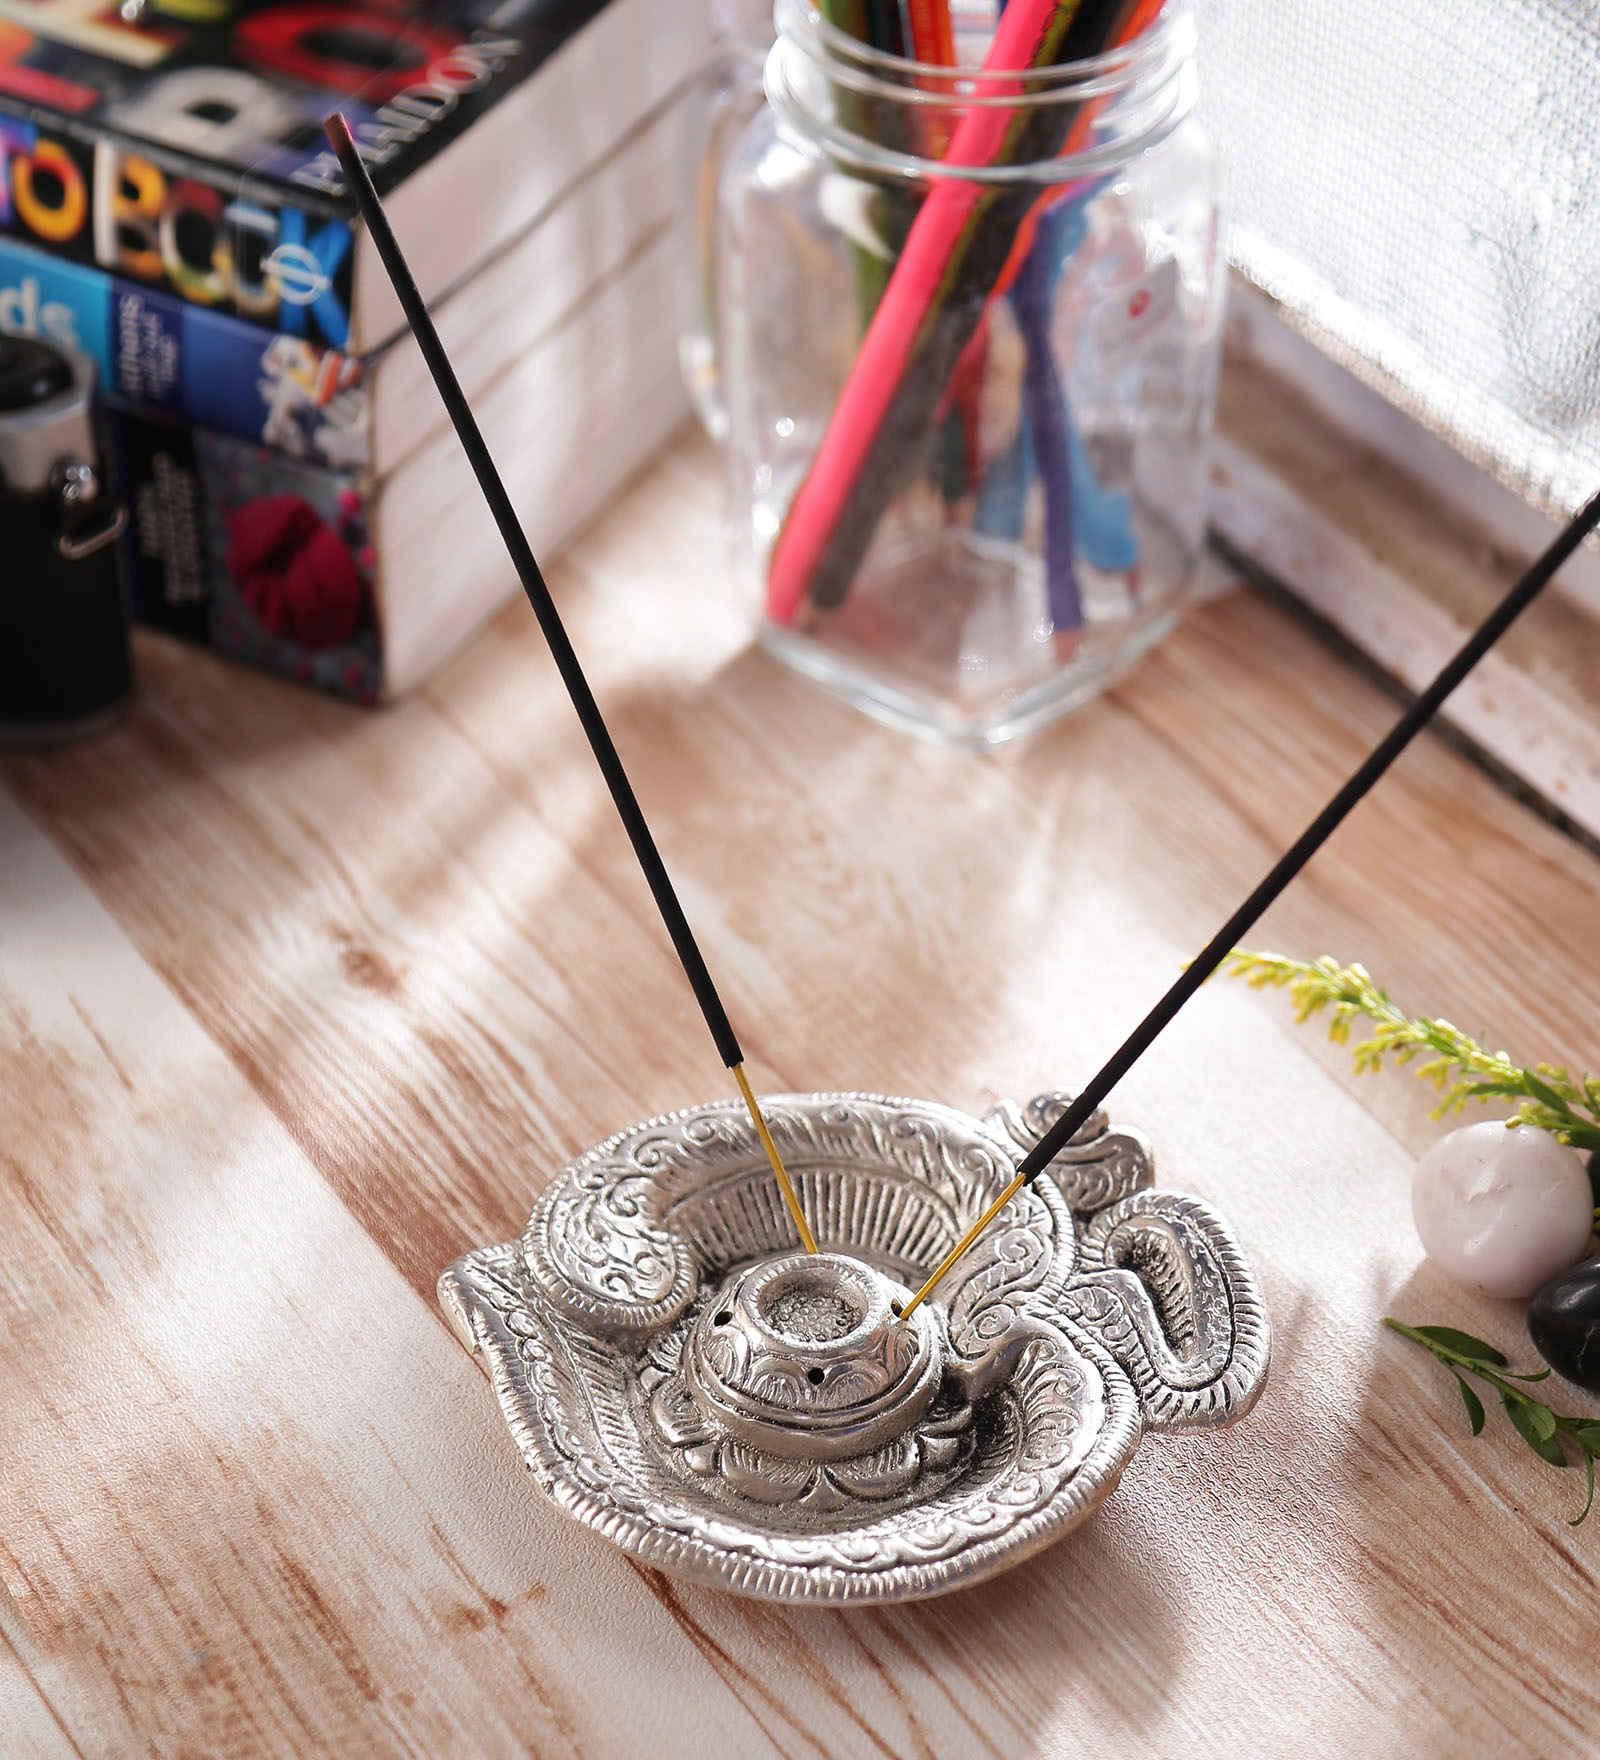 Om Incense Stick Holder/Agarbatti Stand Indian Home Decor